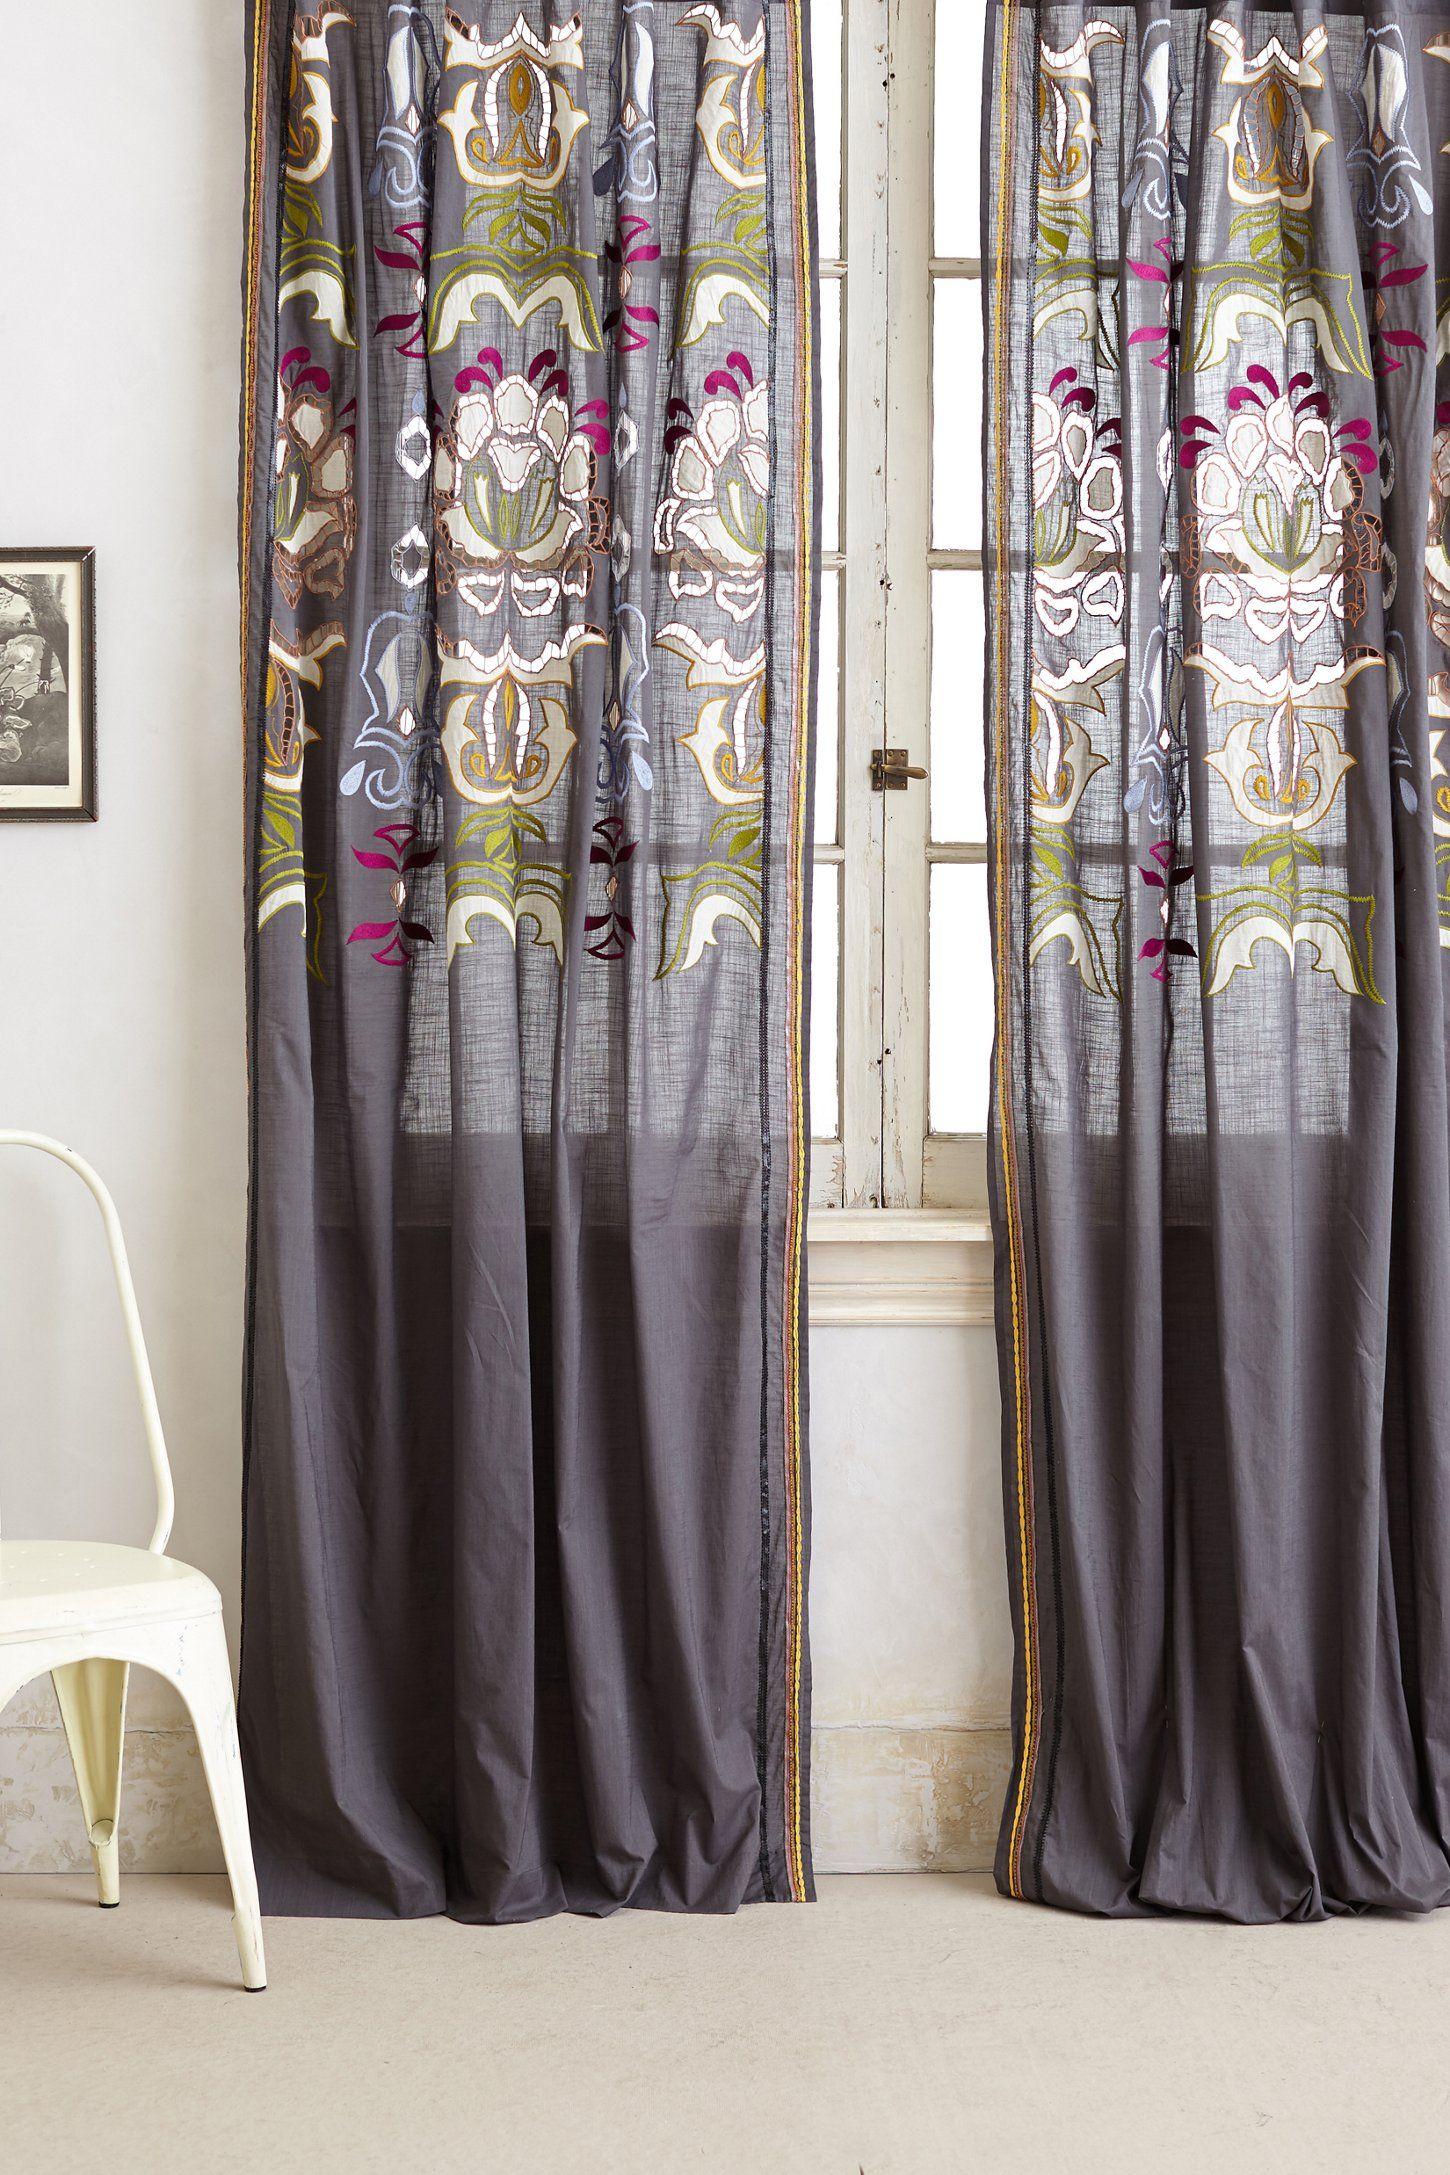 Full Size of Adjustable Double Curtain Rod Gardinen Rollos Für Die Küche Fenster Scheibengardinen Schlafzimmer Wohnzimmer Wohnzimmer Gardinen Doppelfenster